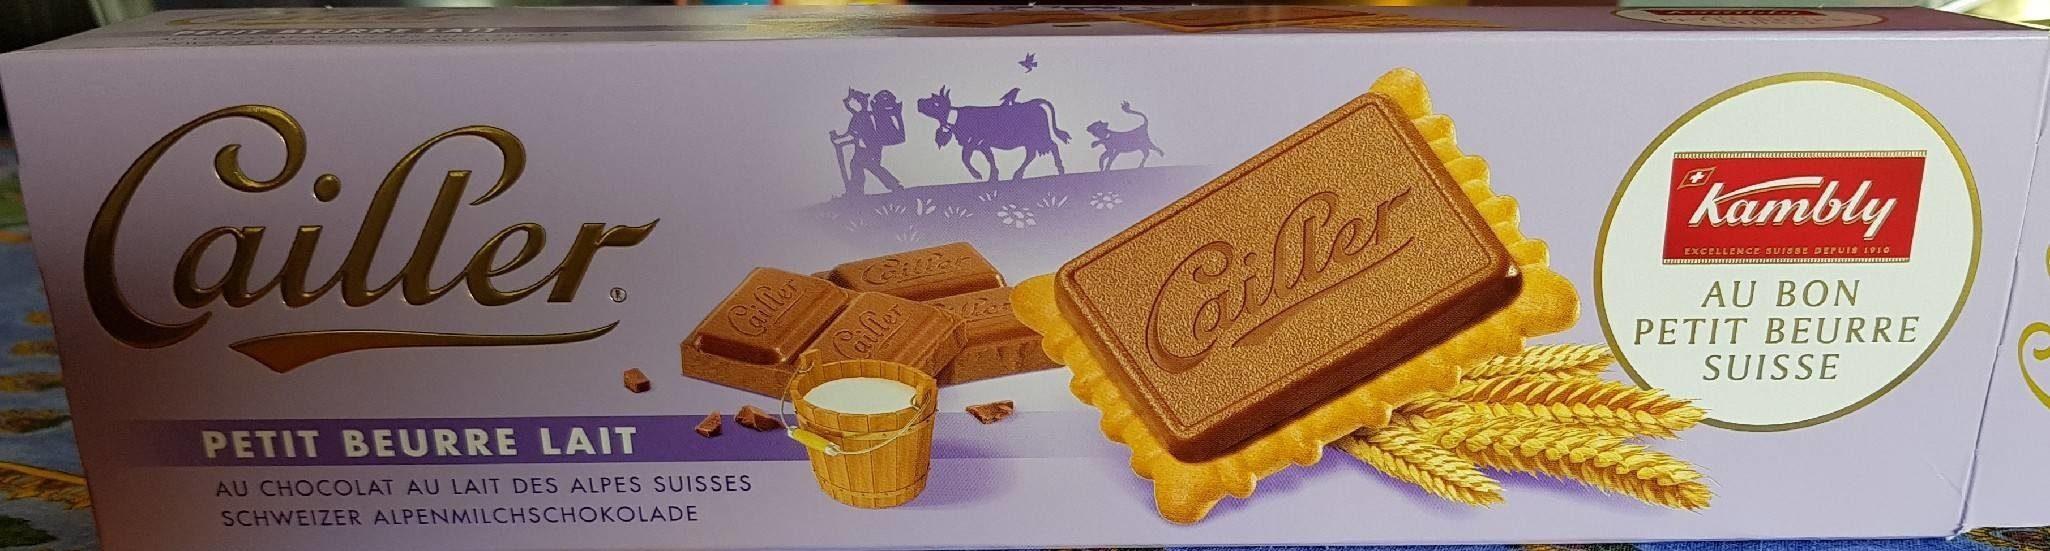 Petit beurre au chocolat au lait - Product